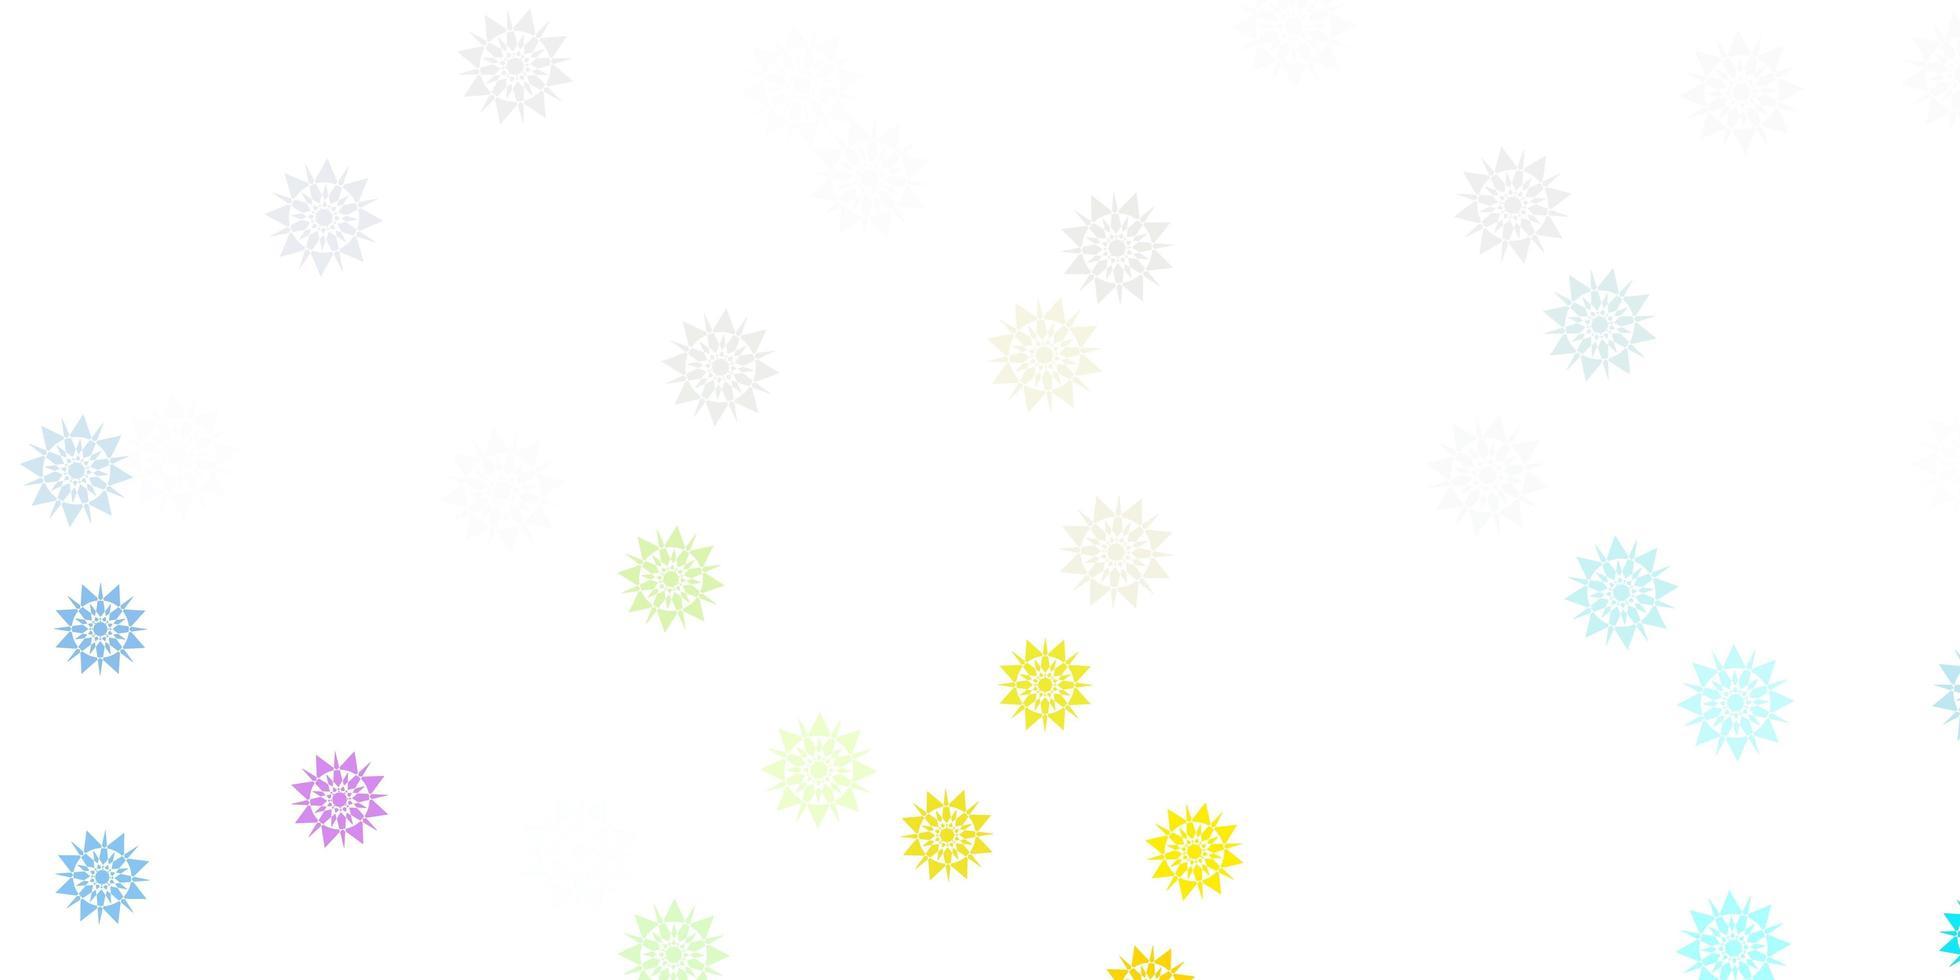 toile de fond de beaux flocons de neige multicolores vecteur